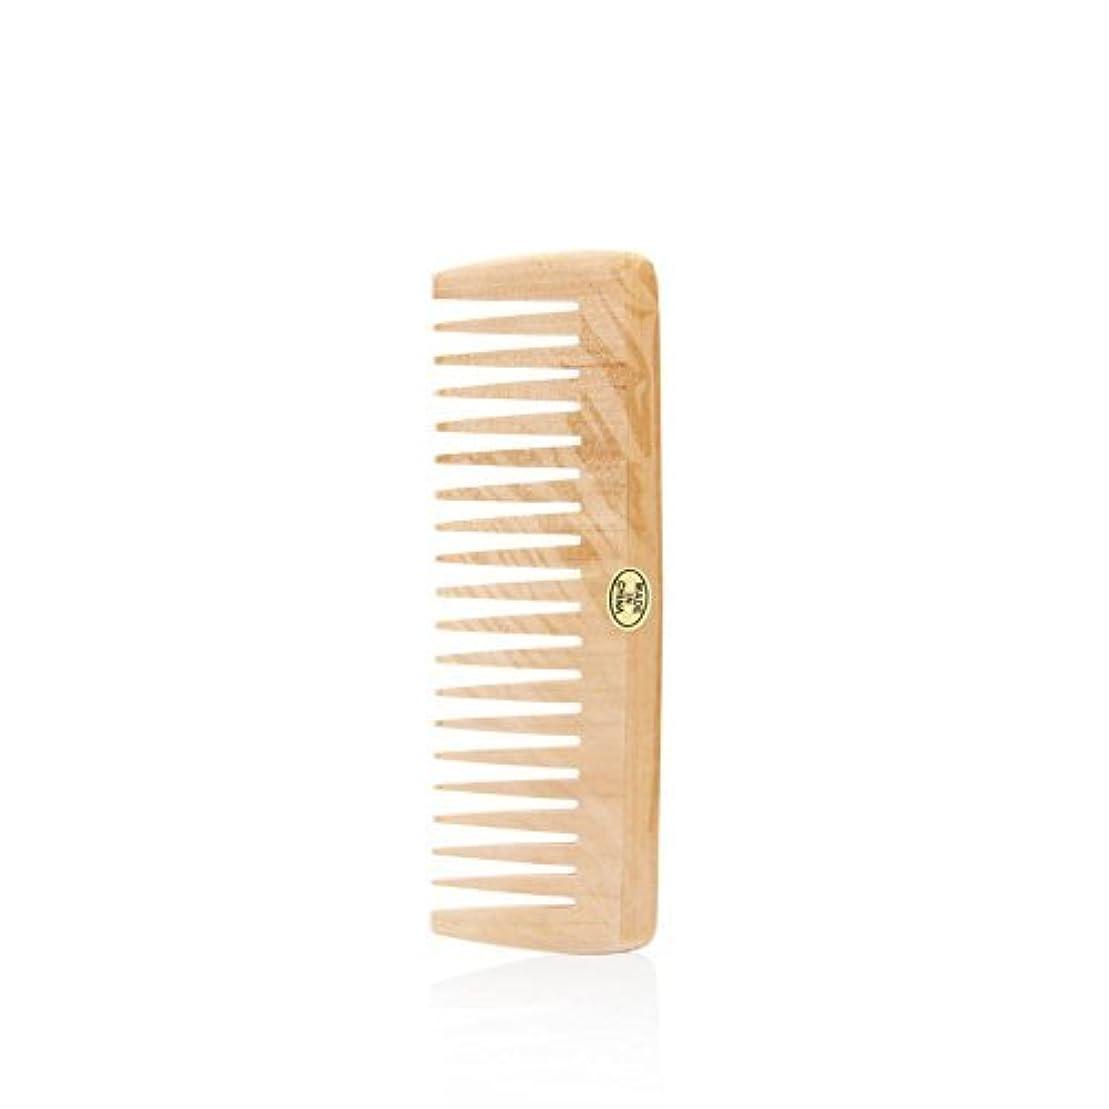 歪める工場受信機Bath Accessories Wood Detangling Comb [並行輸入品]